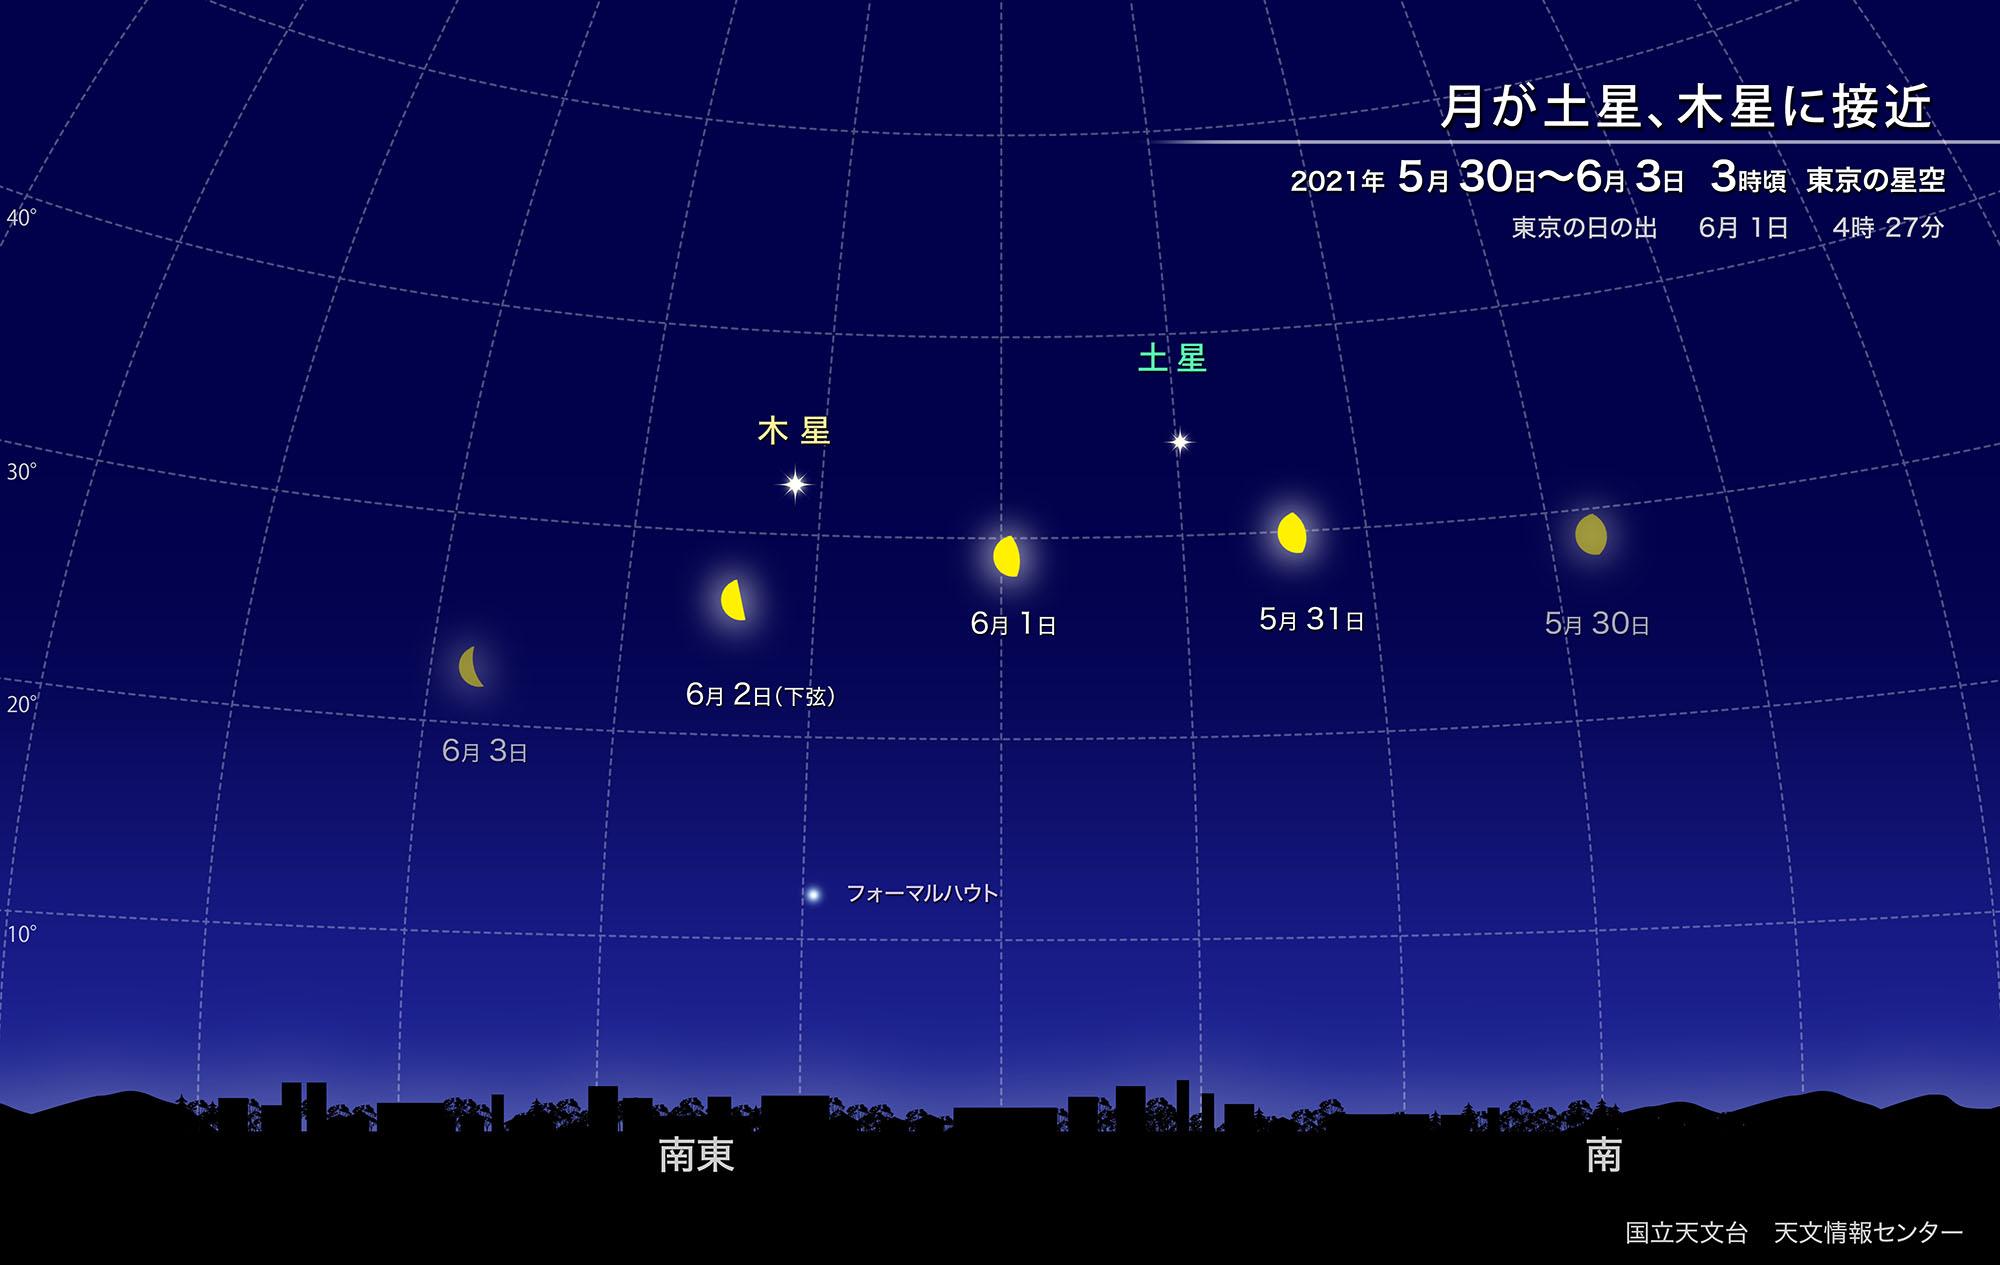 月が土星、木星に接近(2021年6月) | 国立天文台(NAOJ)